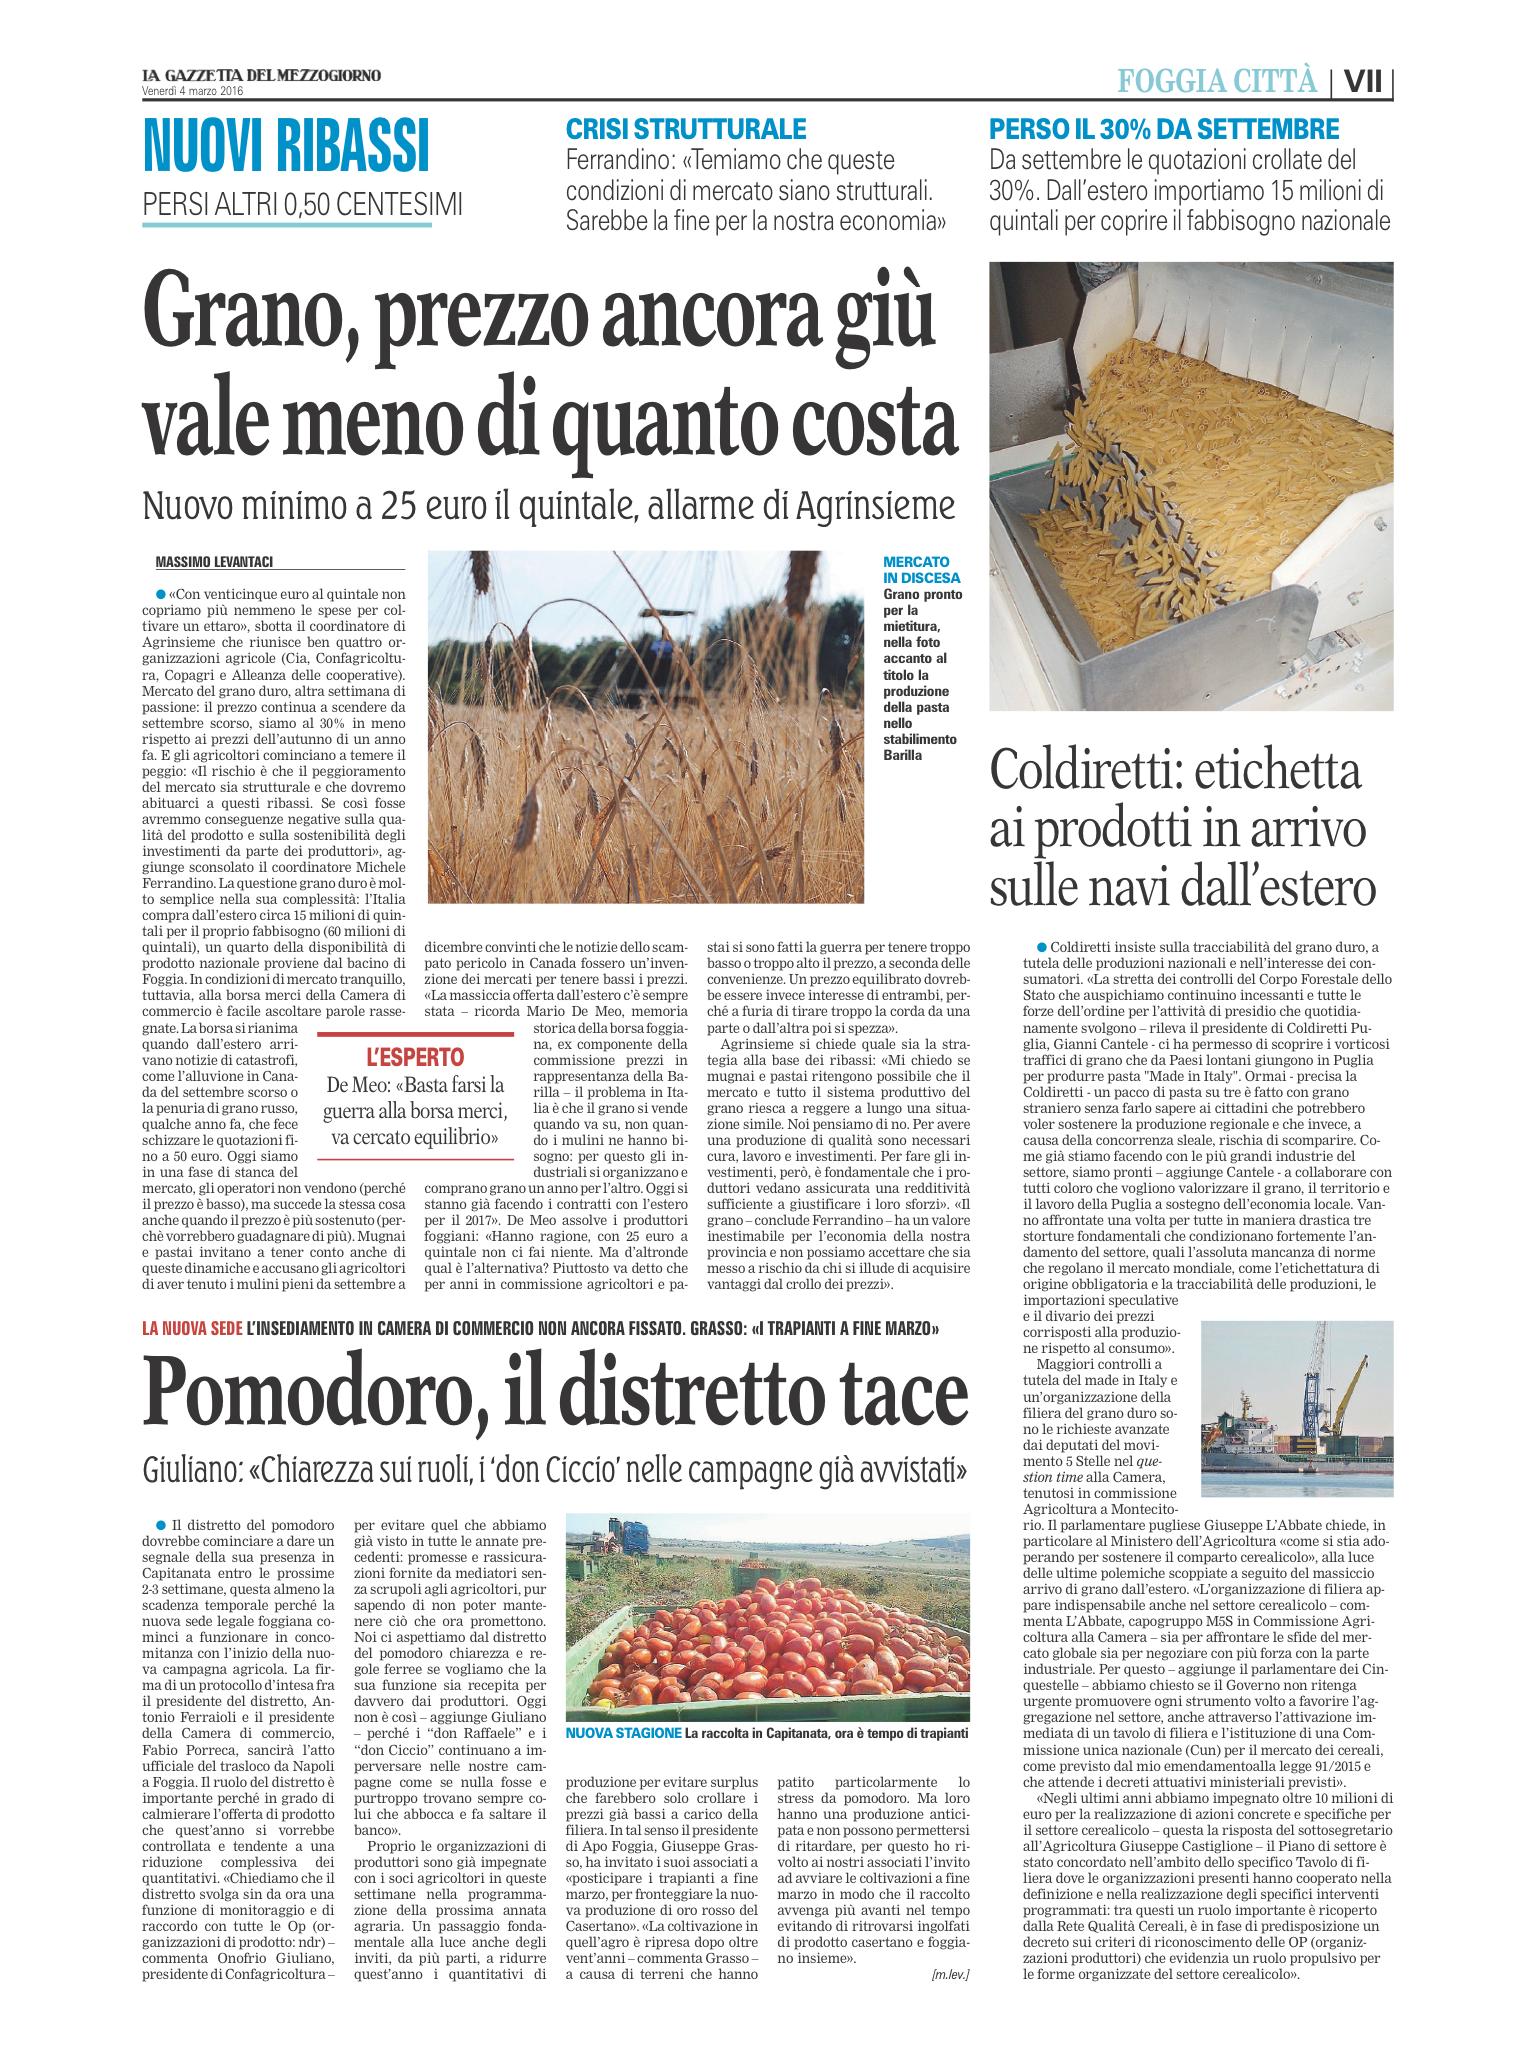 La Gazzetta del Mezzogiorno - 04.03.2016